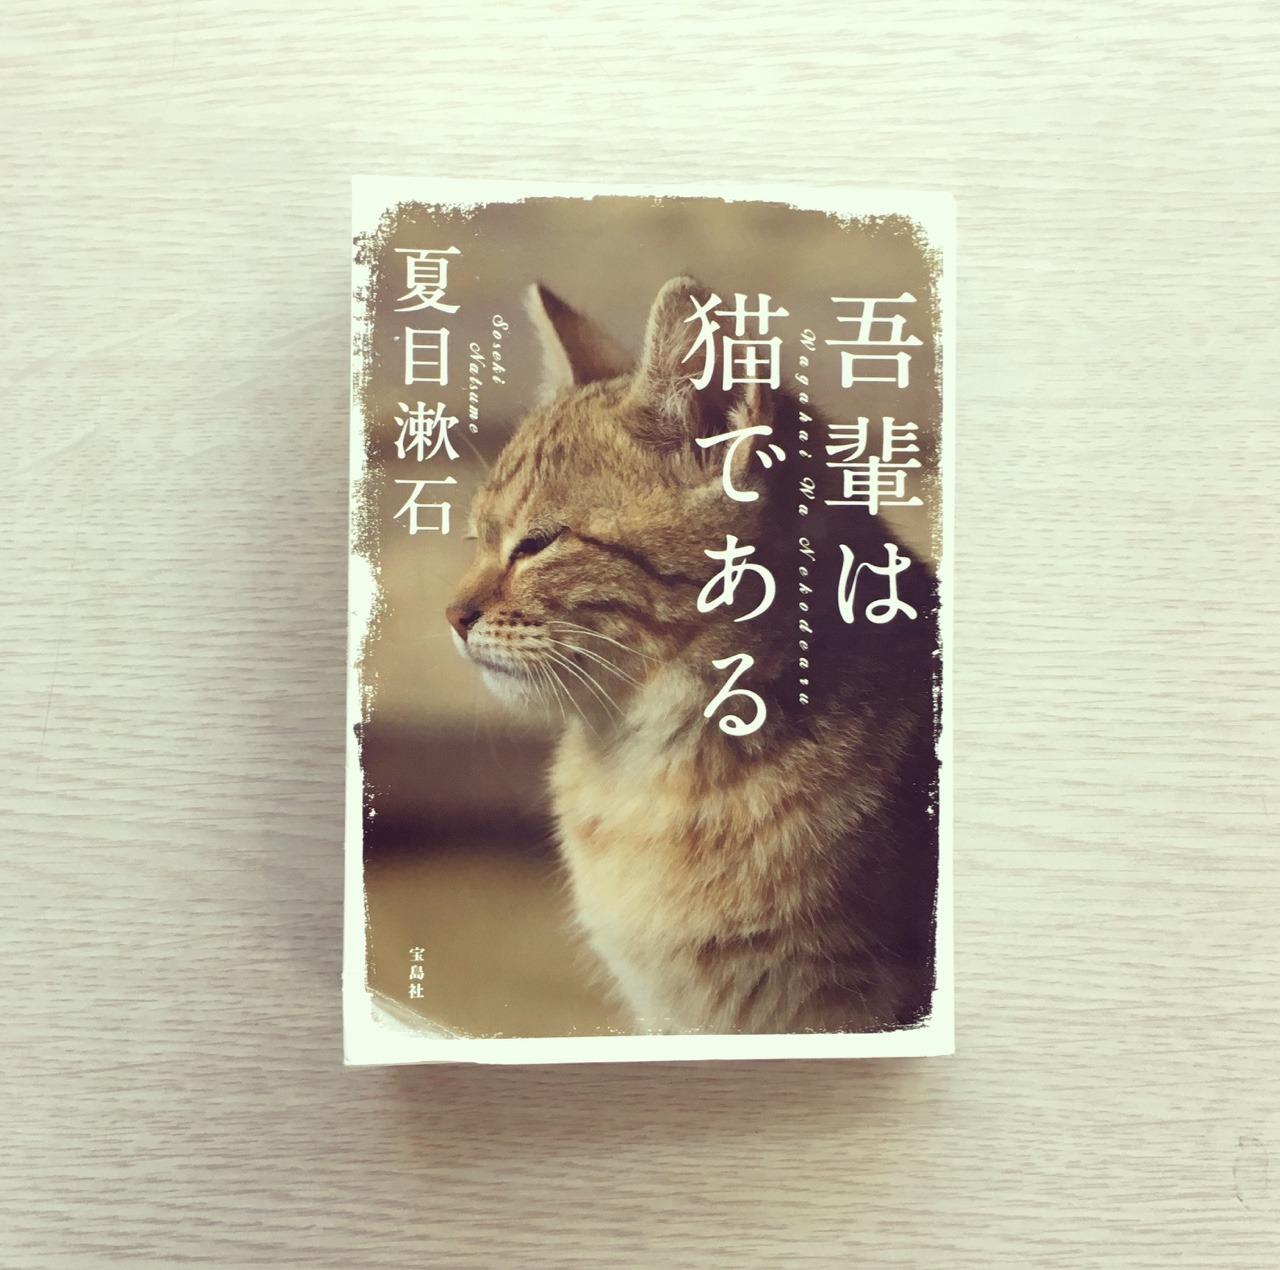 吾輩は貓である on Tumblr